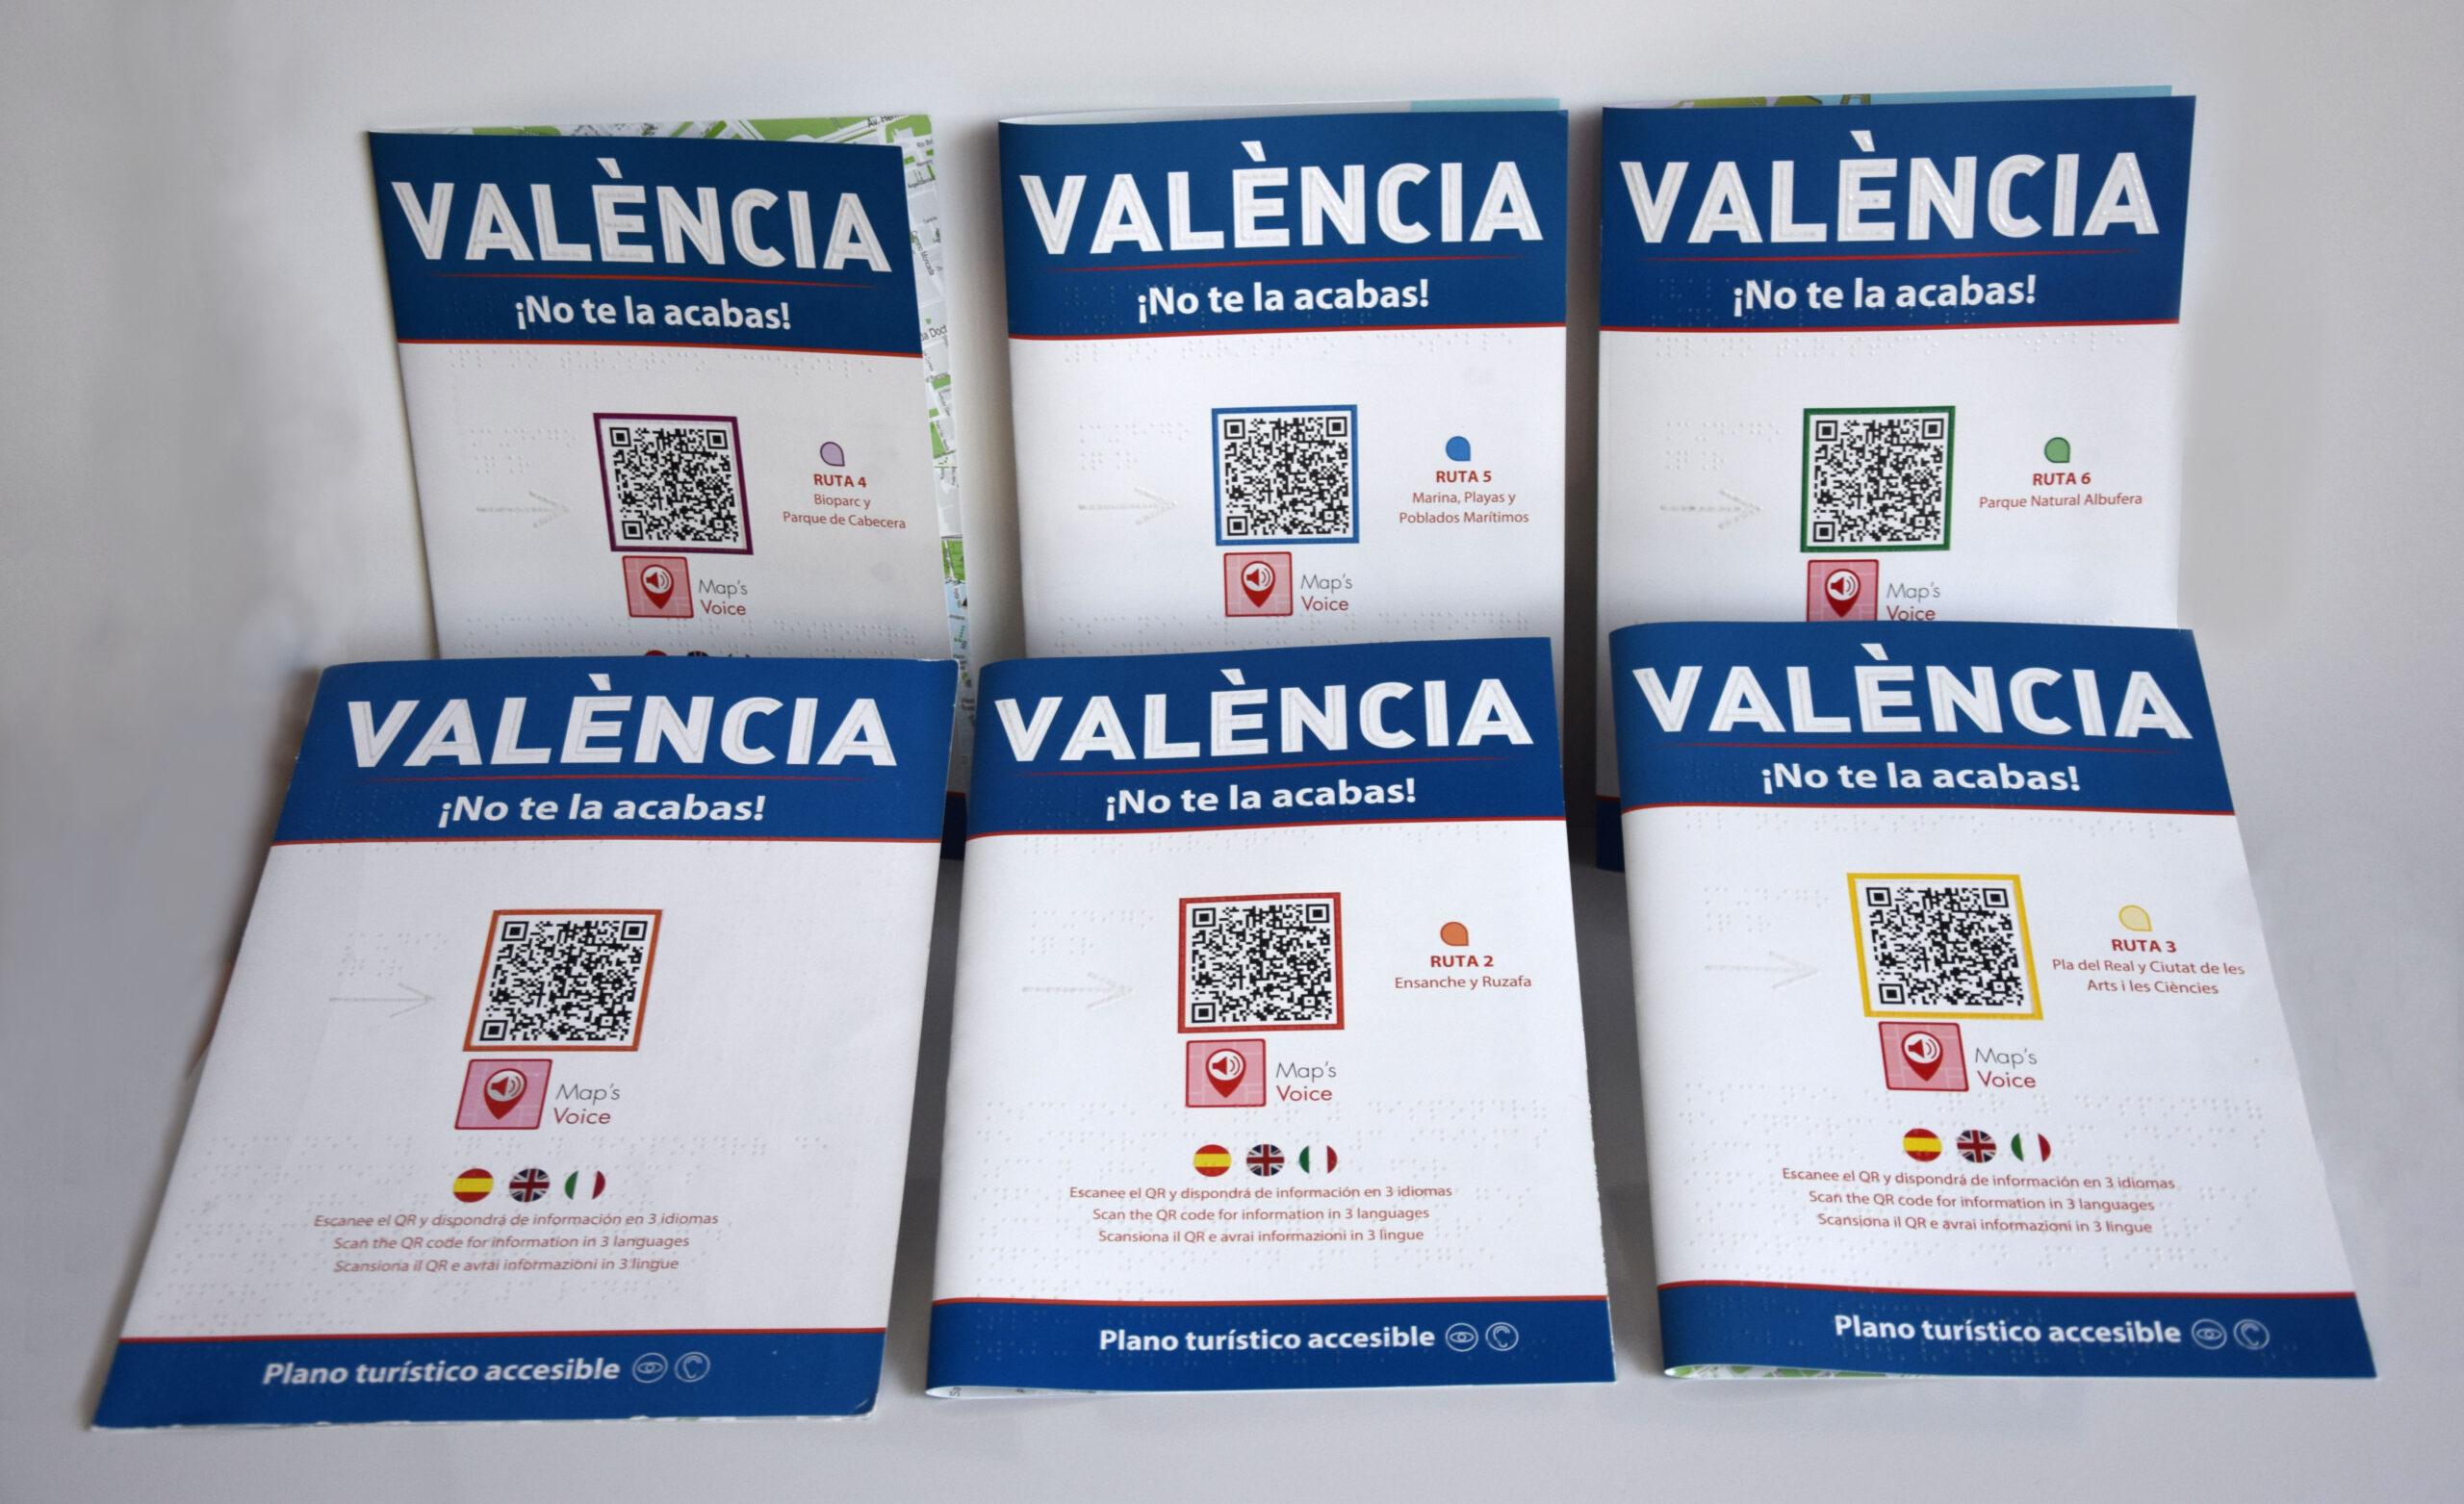 Mapas de Valencia